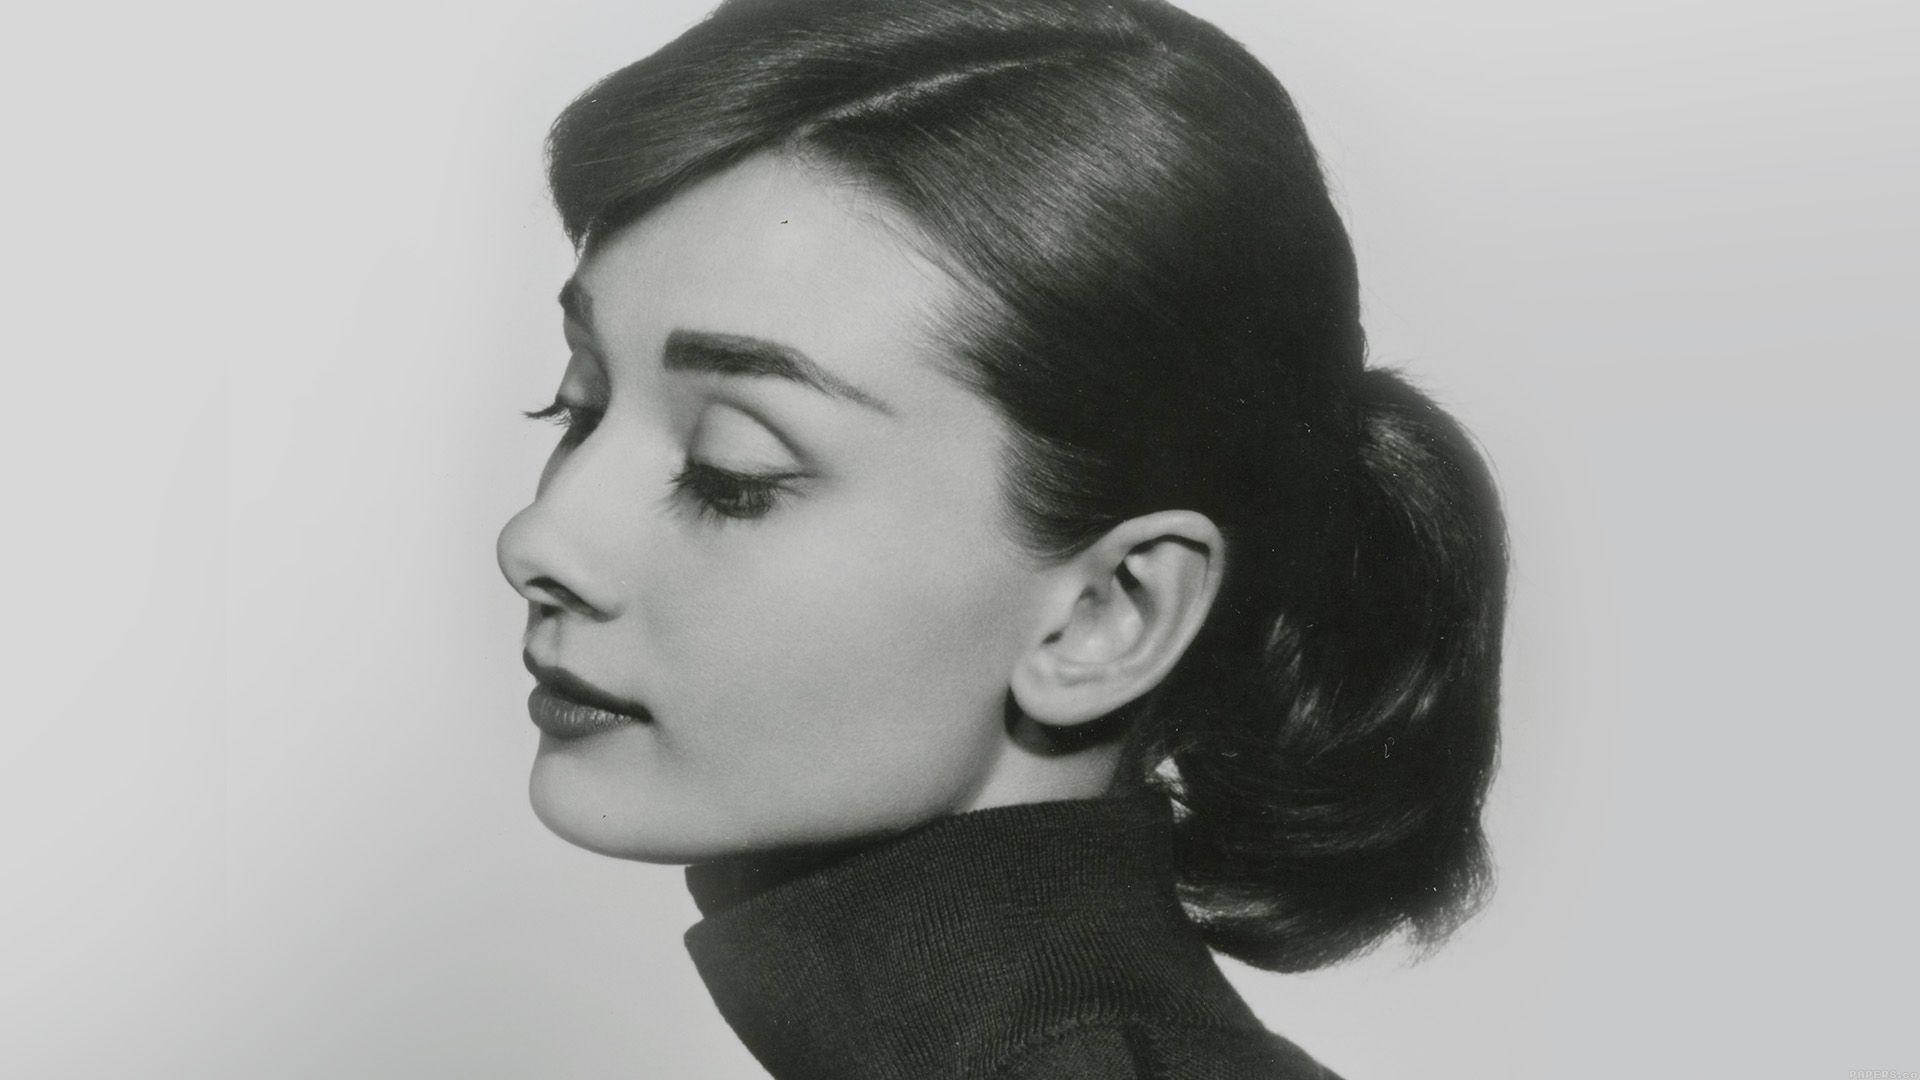 Audrey Hepburn download nice wallpaper